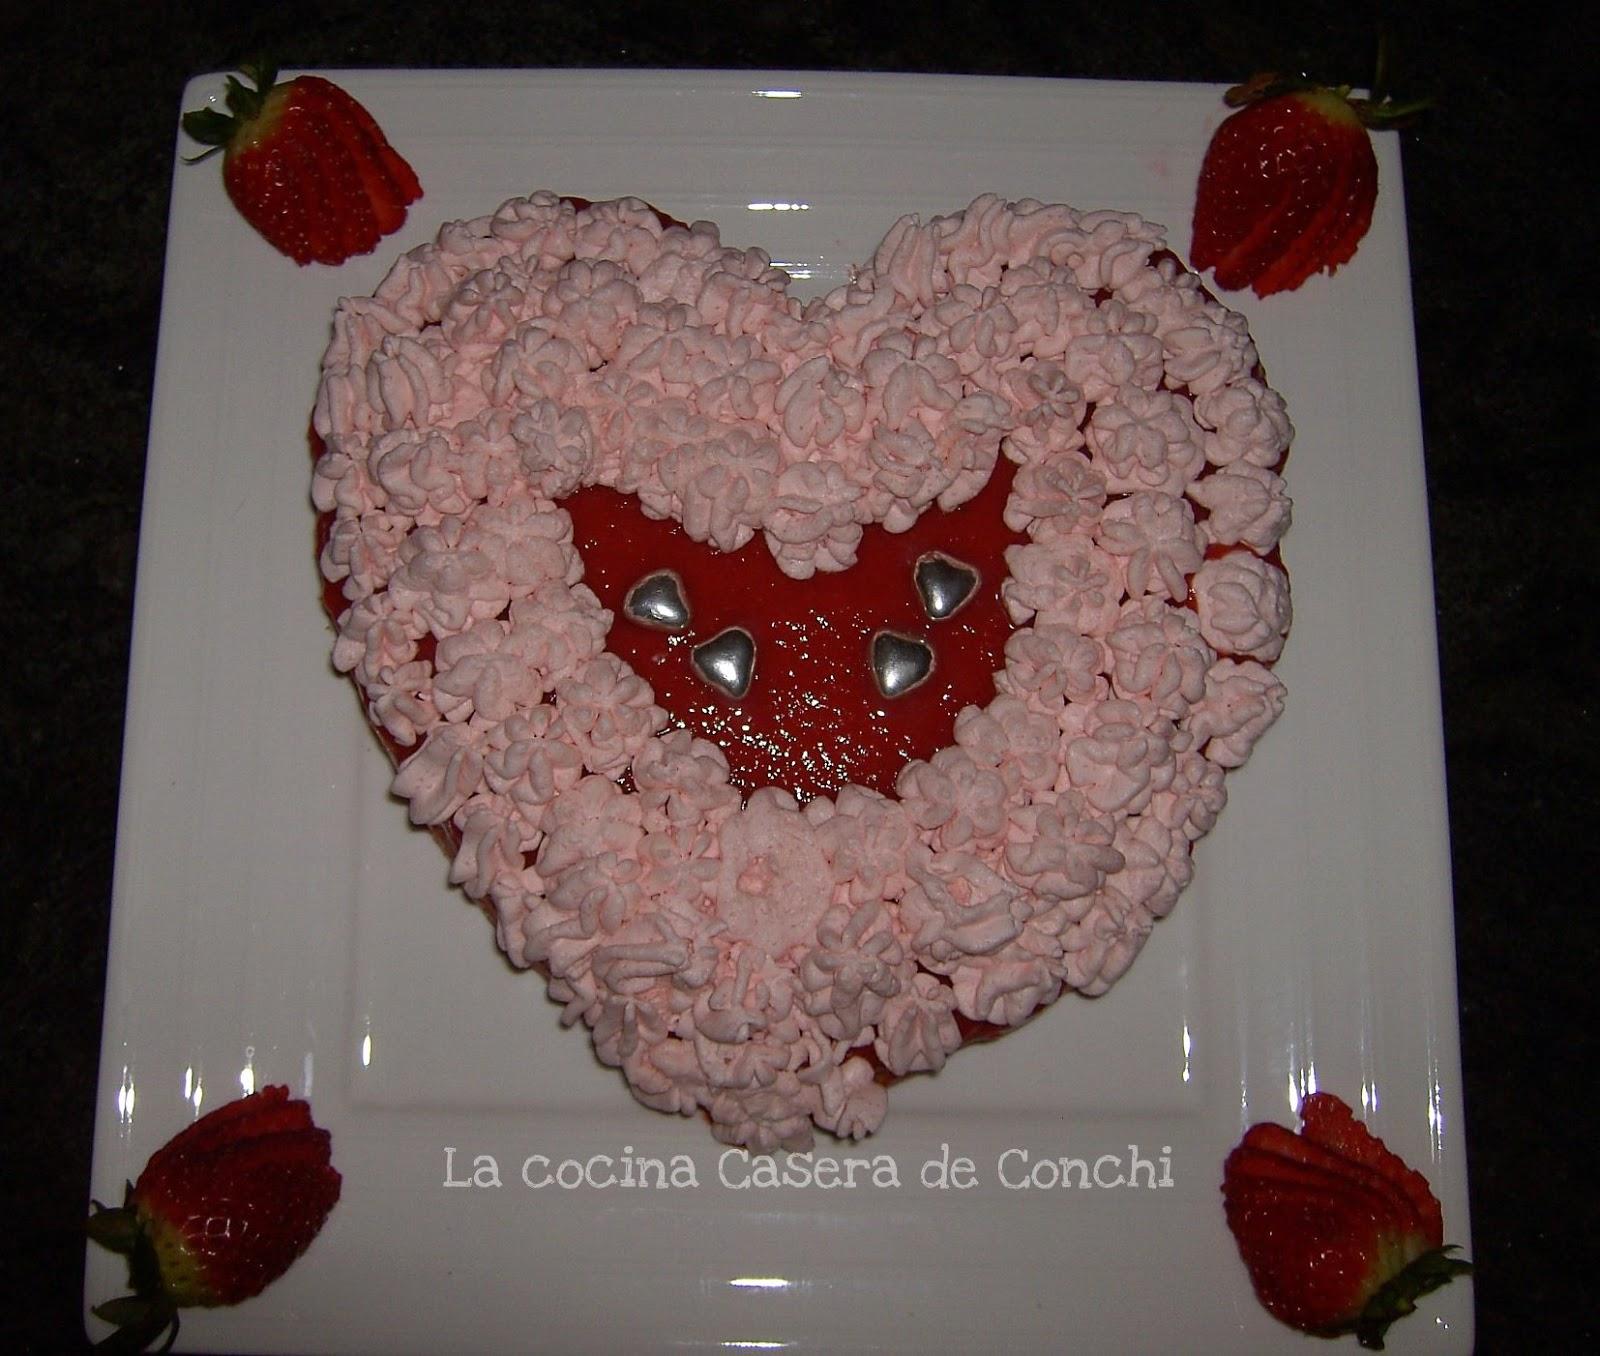 La cocina casera de conchi coraz n de fresa para san valentin for La cocina casera